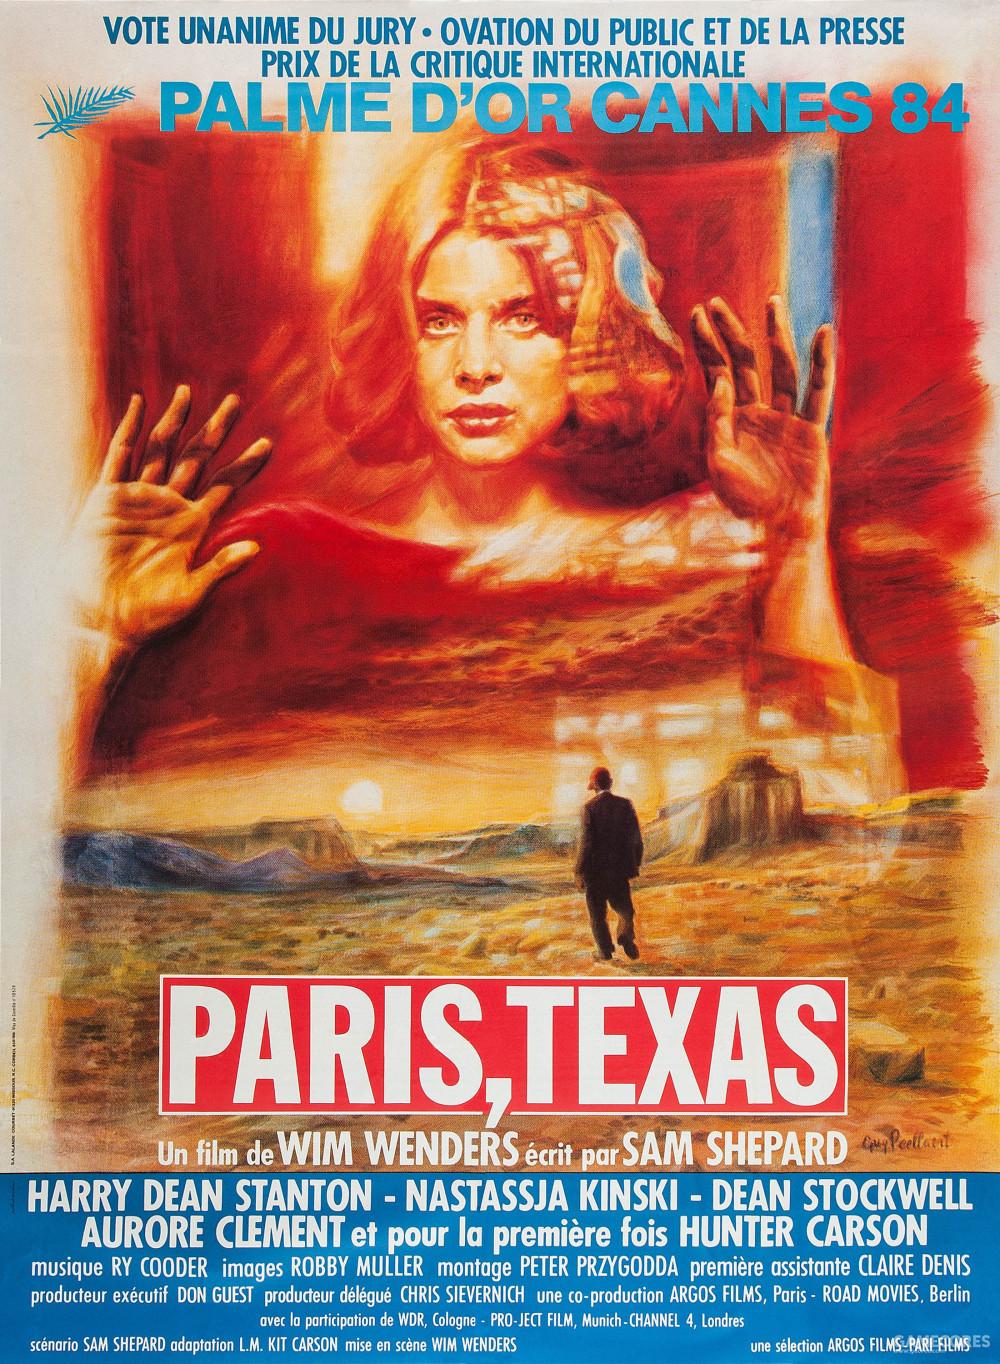 《德州巴黎》的主题——城市、荒漠、家